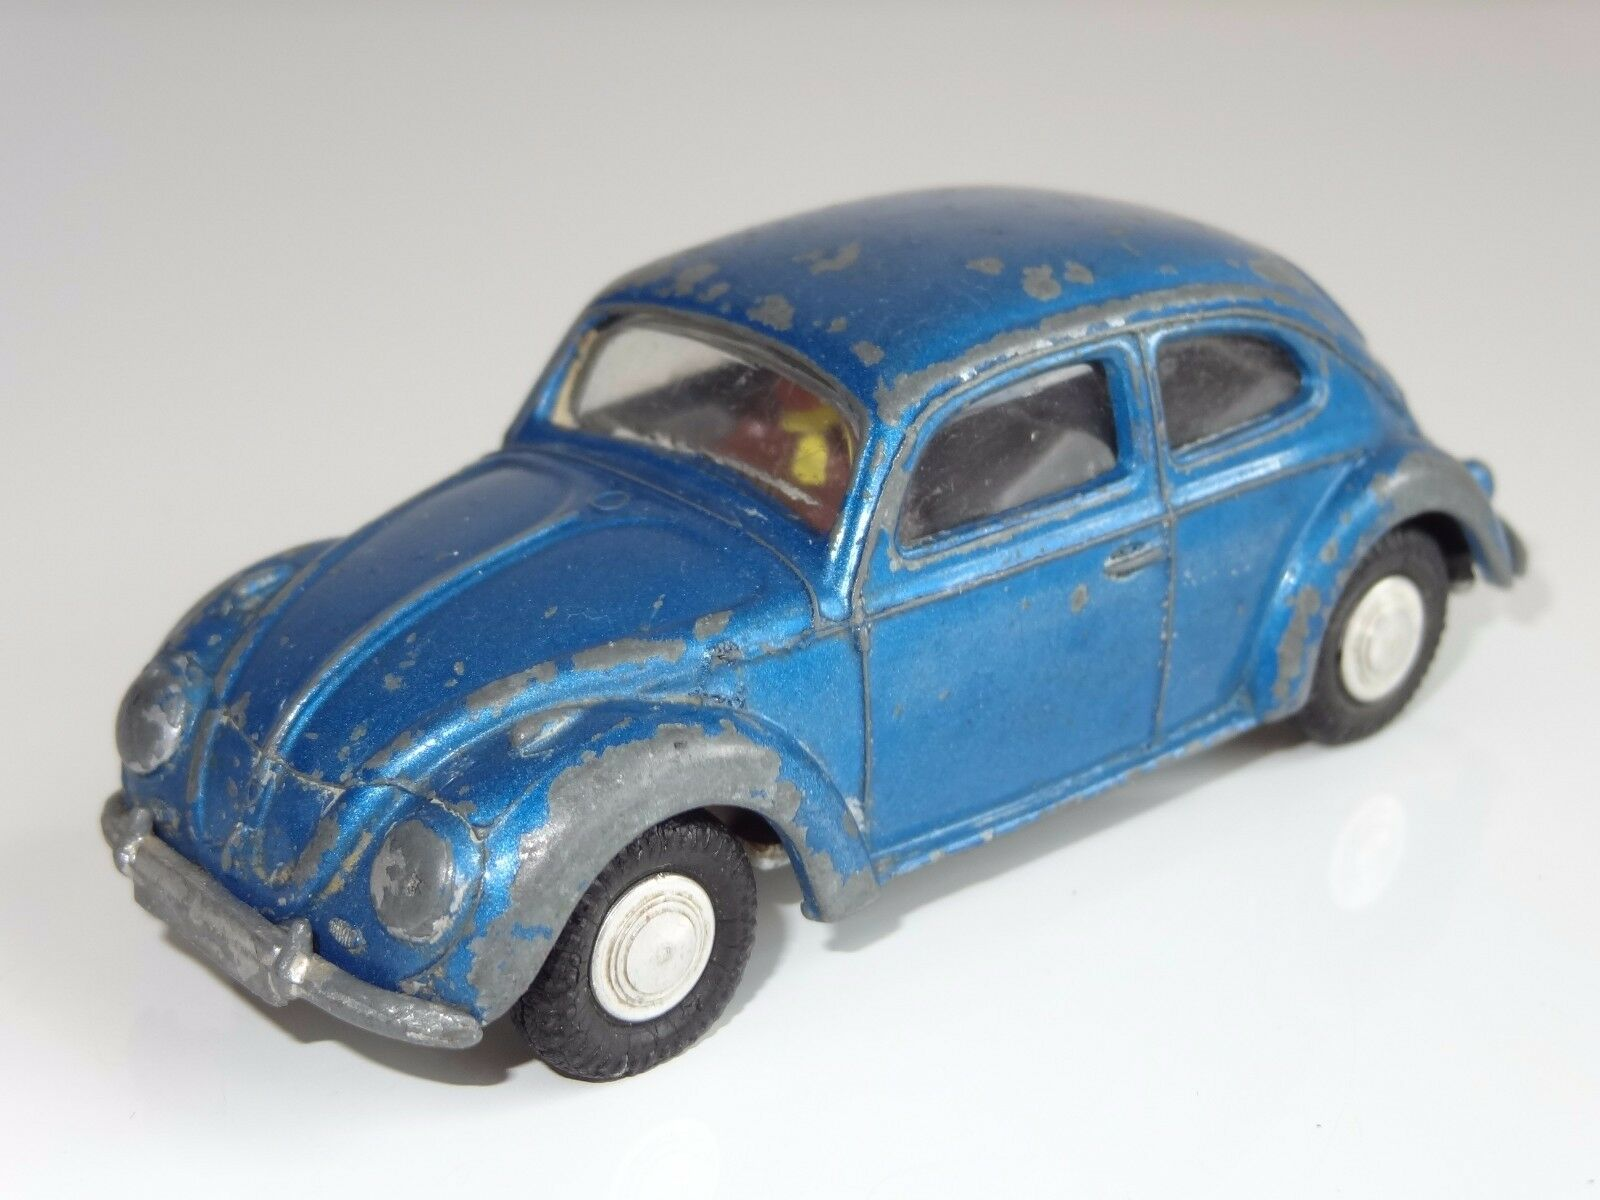 venta con alto descuento (V) Triang punto en VW Volkswagen EsCocheabajo EsCocheabajo EsCocheabajo 1200 - 307  Precio al por mayor y calidad confiable.